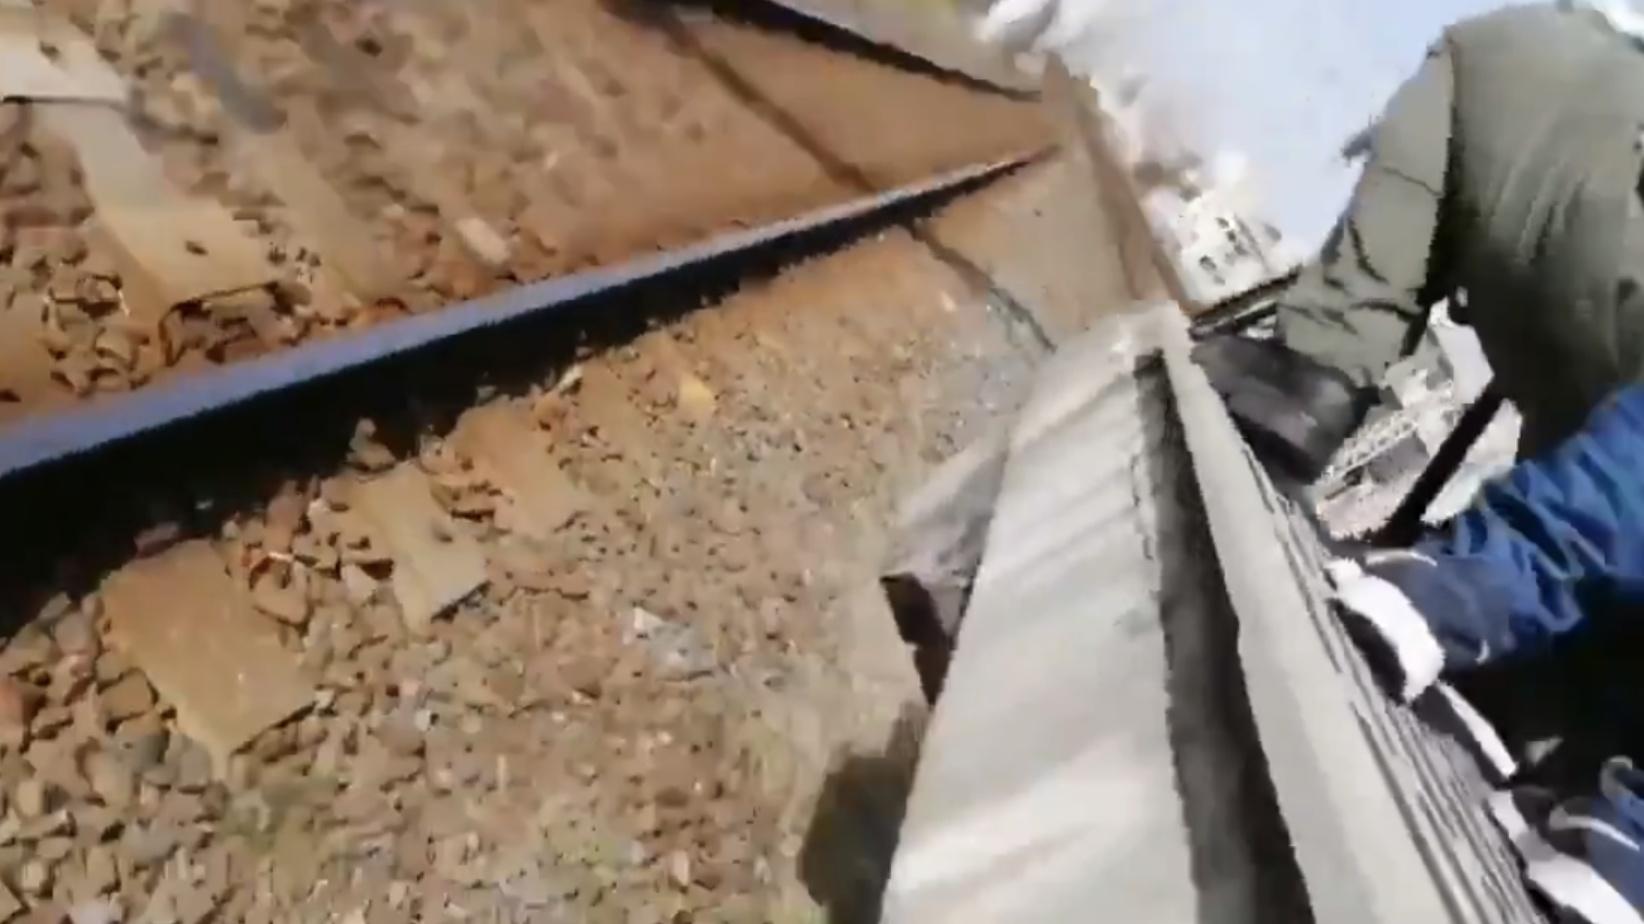 【悪質】撮り鉄が突如線路に落下し緊急停車 撮影目的か 周りのファンも「止まったぞ」と大喜び